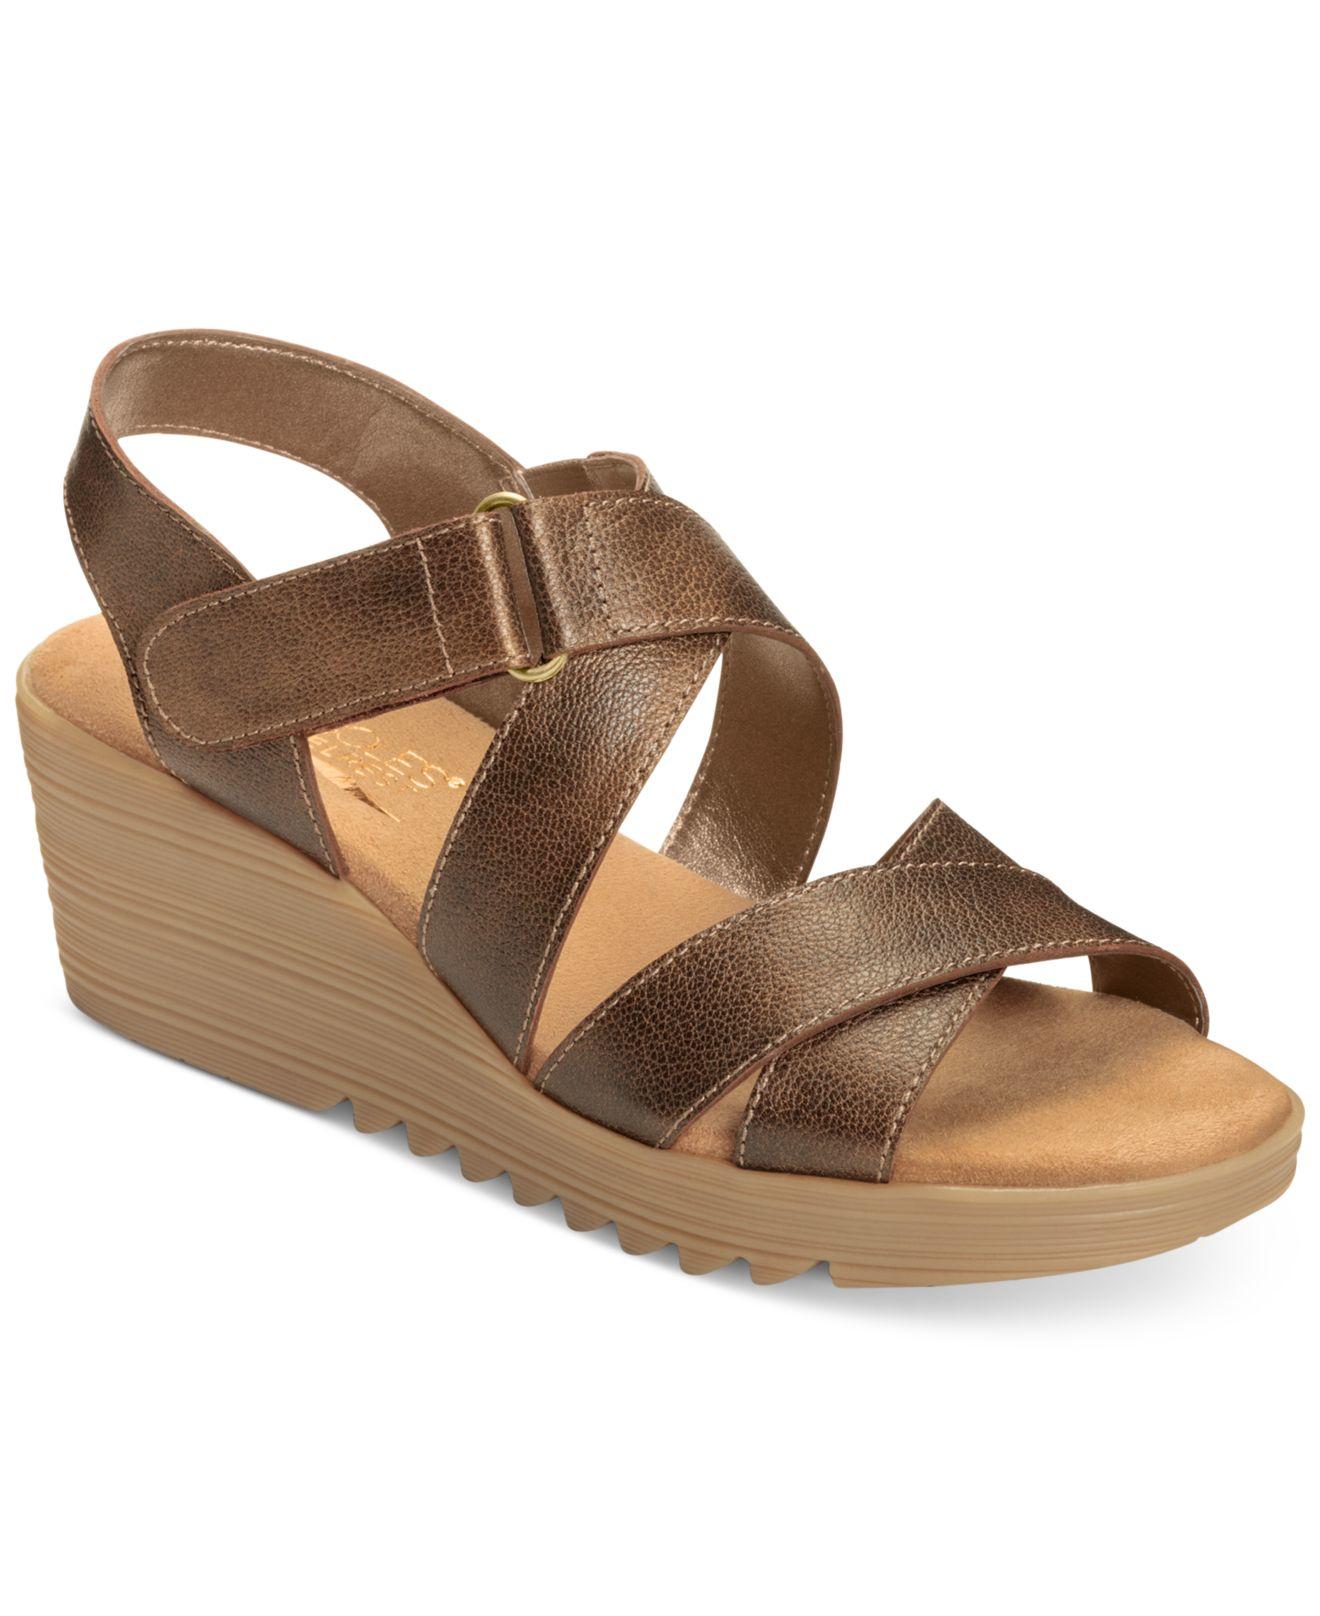 aerosoles handbog wedge sandals in brown bronze leather